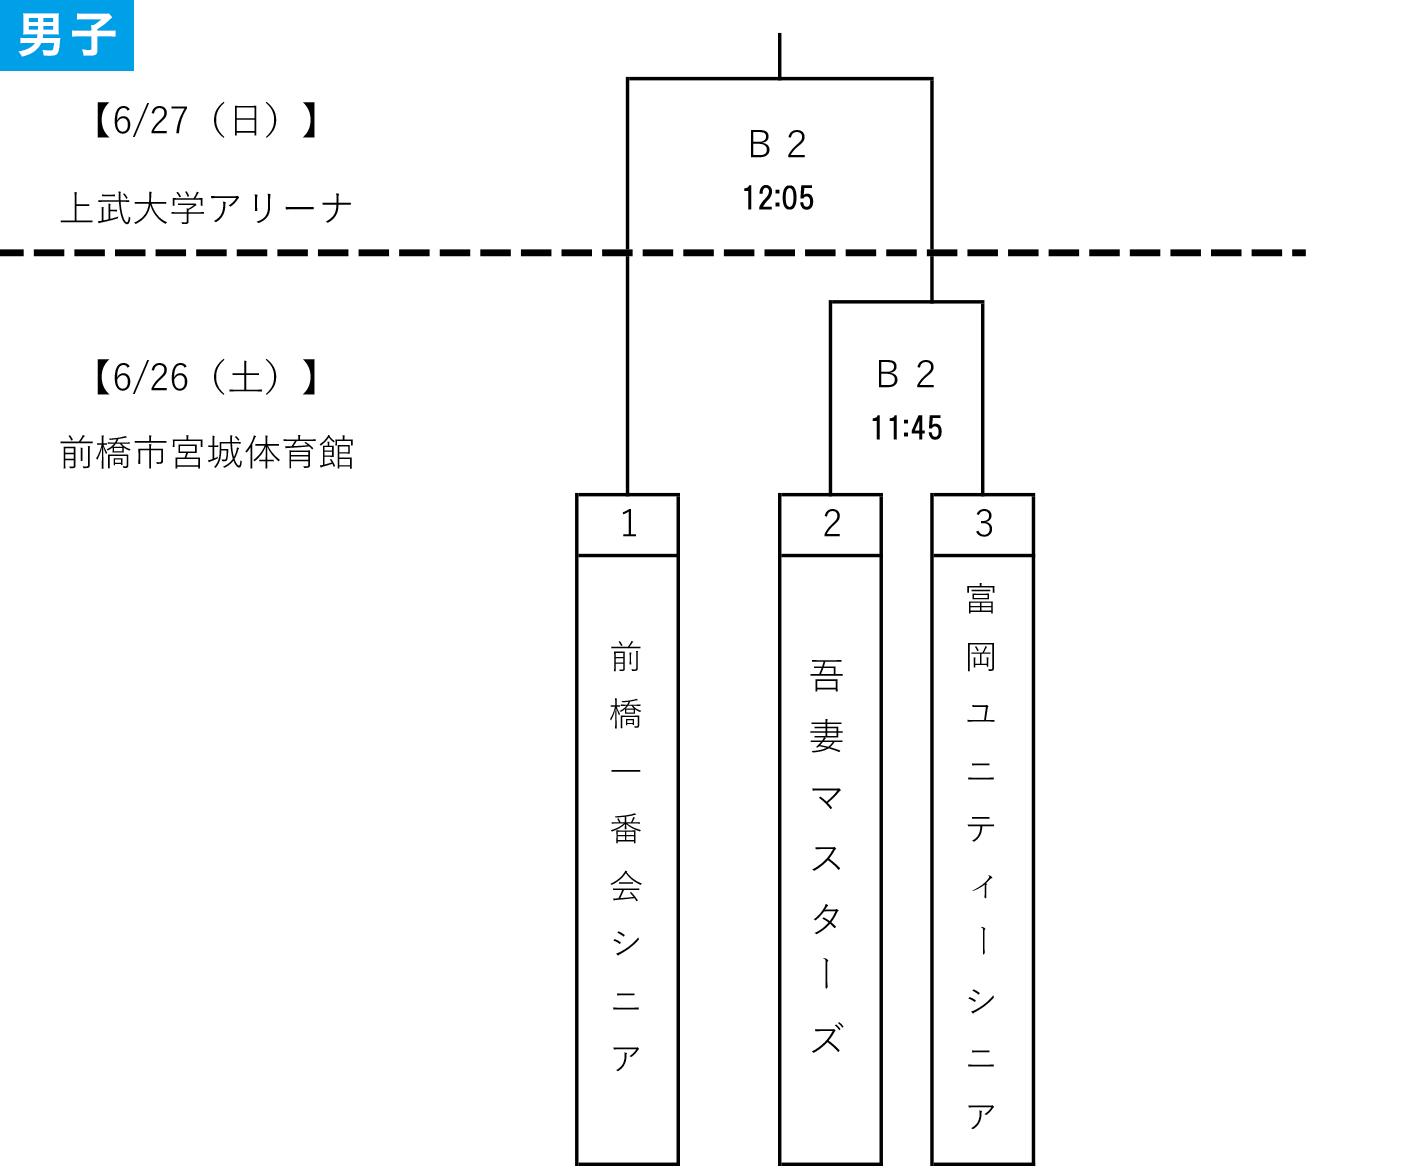 2021年度 第4回 全日本社会人0-40選手権予選 - 男子組み合わせ